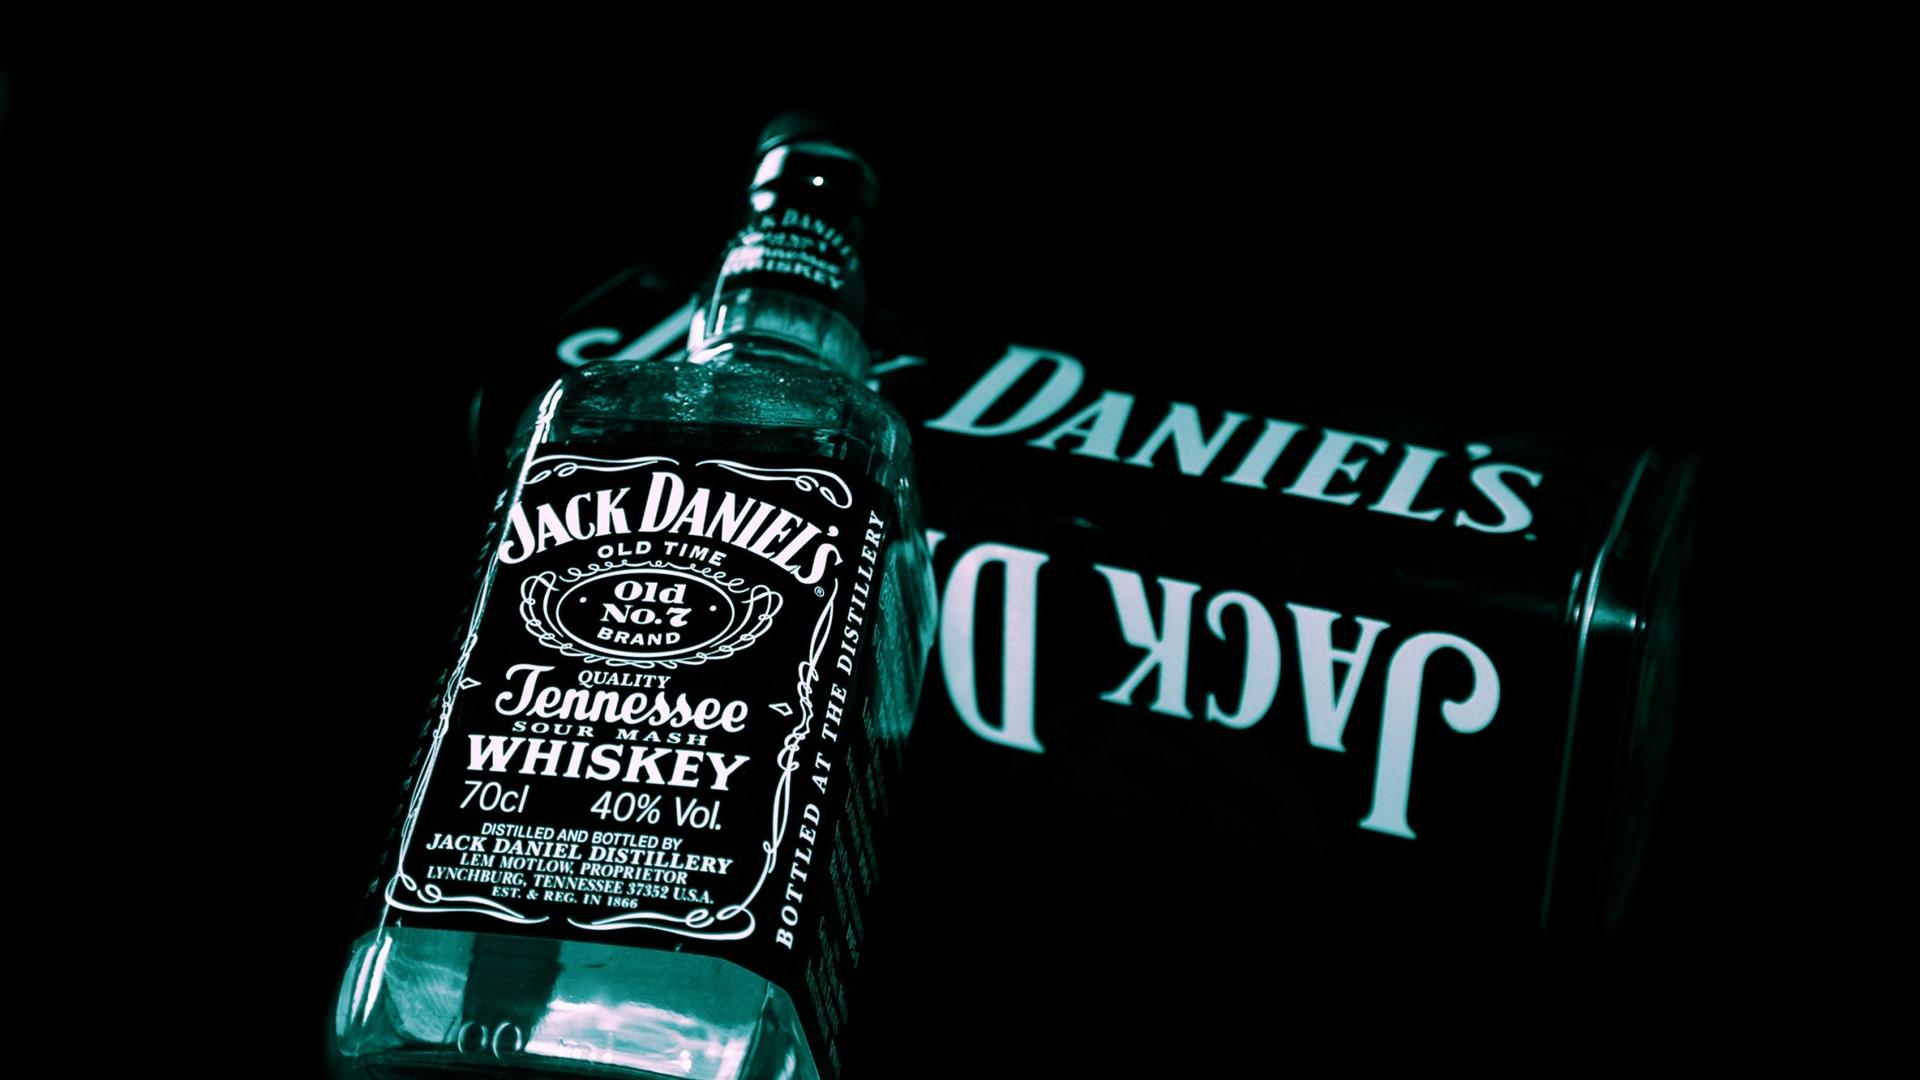 Jack Daniels Liquor HD Desktop Wallpaper HD Desktop Wallpaper 1920x1080